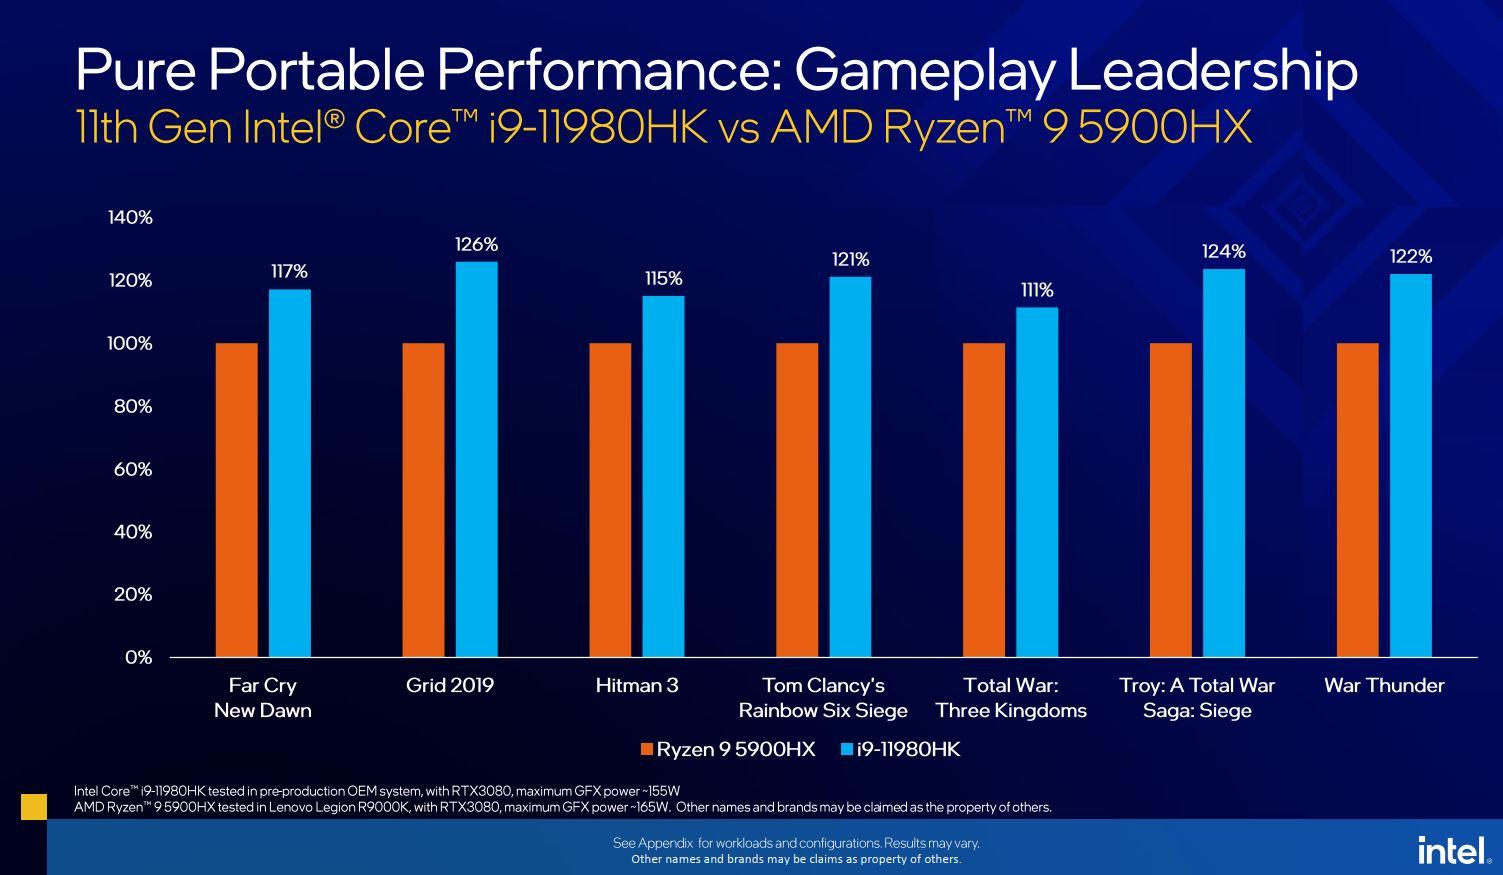 Intel Core dòng H thế hệ thứ 11 ra mắt: dẫn đầu bởi Core i9-11980HK, xung nhịp tối đa 5.0 GHz, hỗ trợ 20 làn PCIe 4.0, tuyên bố nhanh hơn AMD 20%